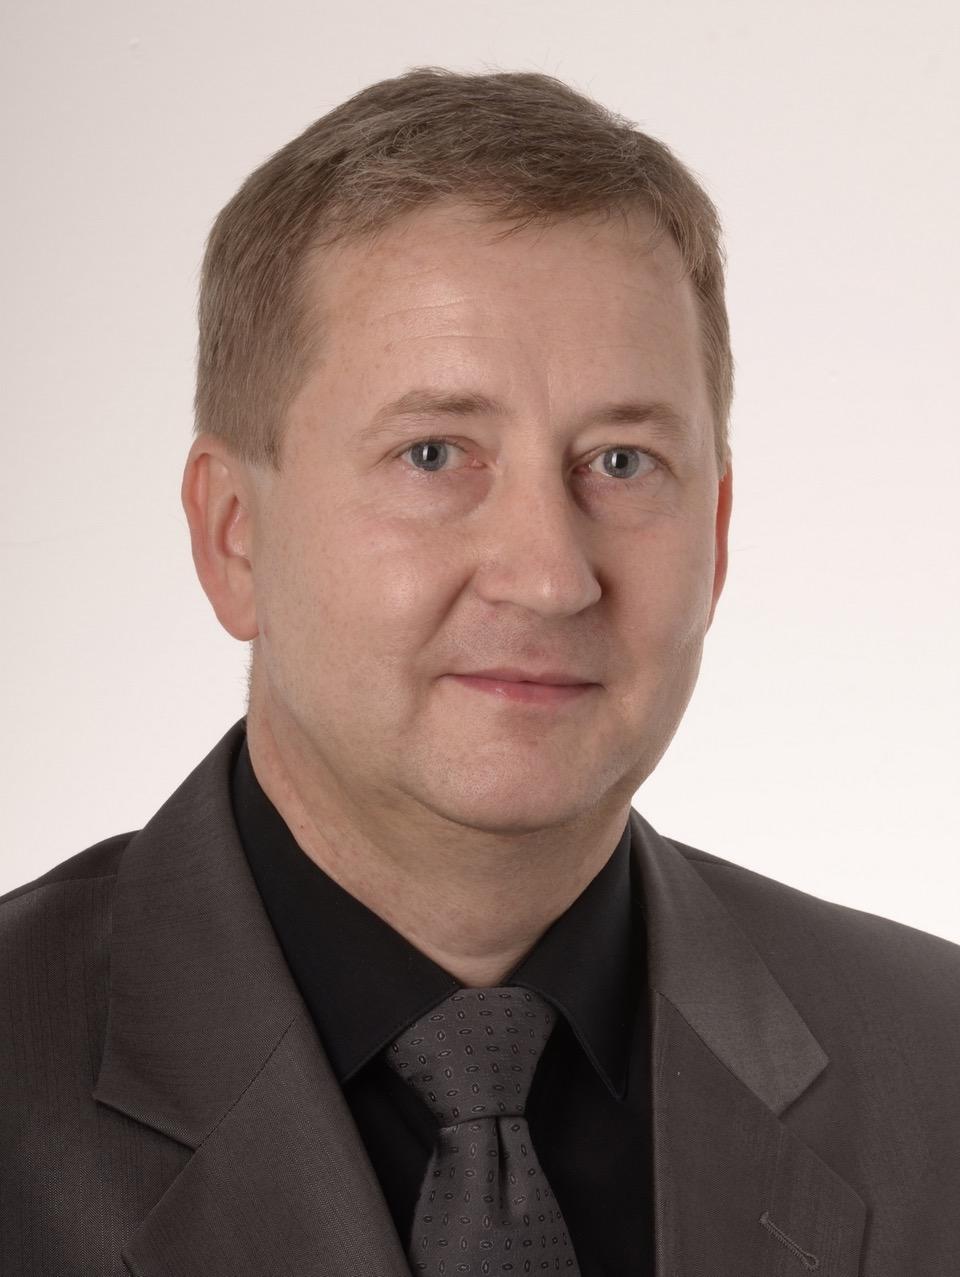 Mariusz Pikulski (Poznań, Poland)